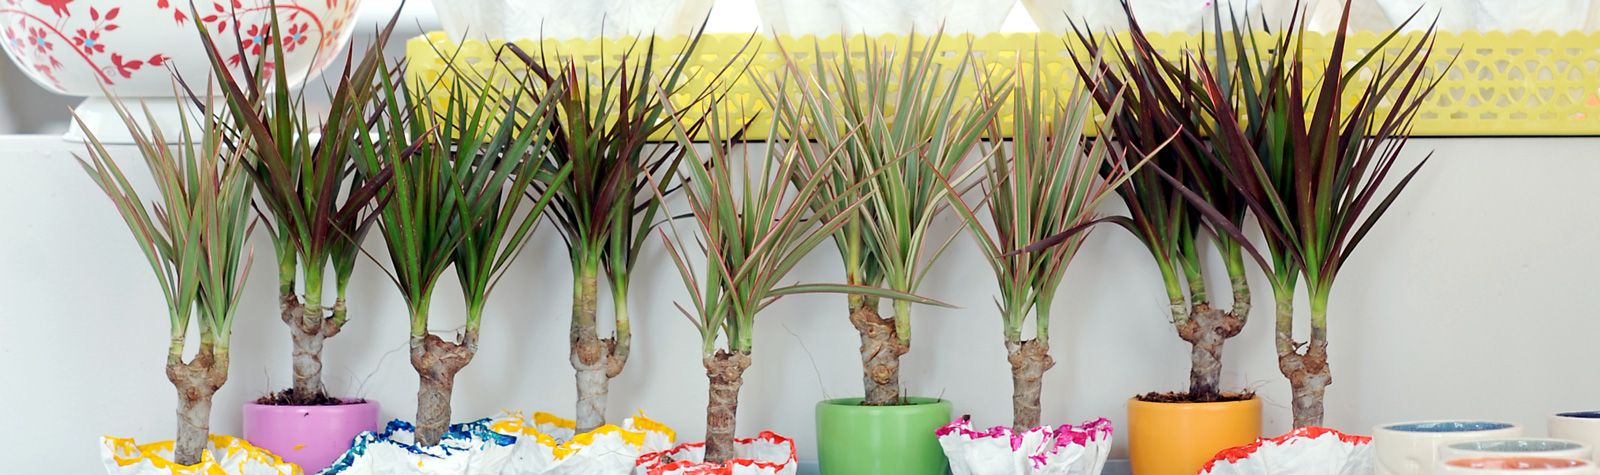 Plantas exterior sombra maceta planta de exterior e - Plantas de exterior ...